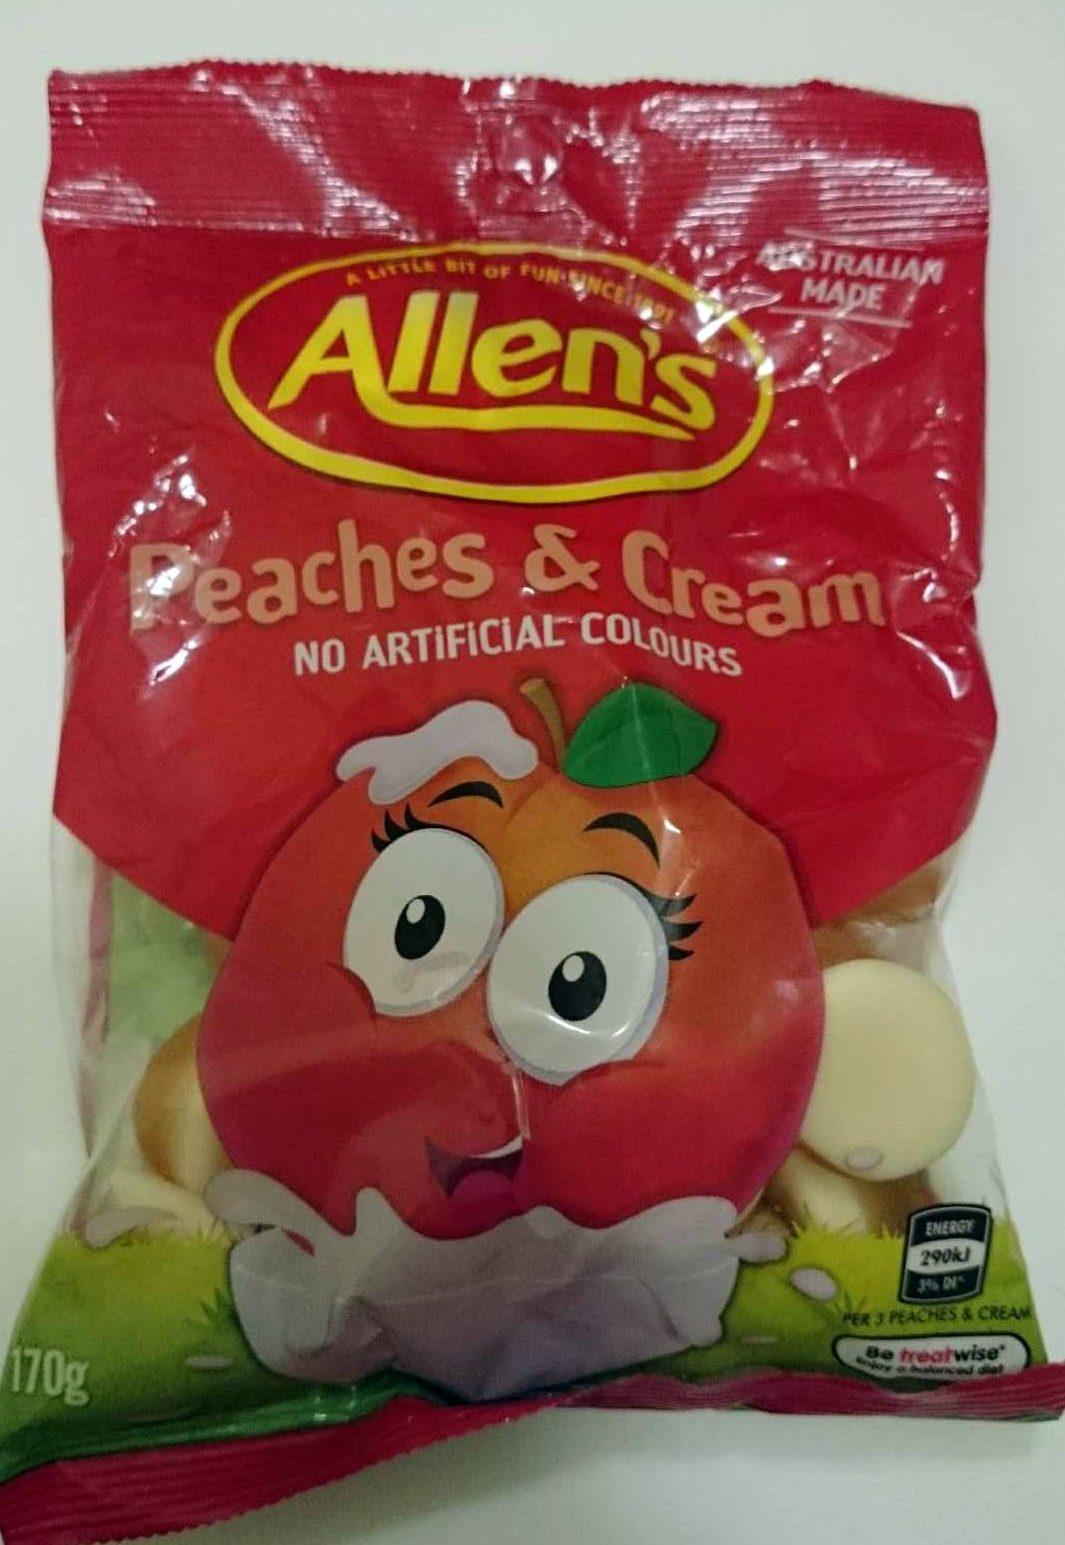 Peaches & Cream - Product